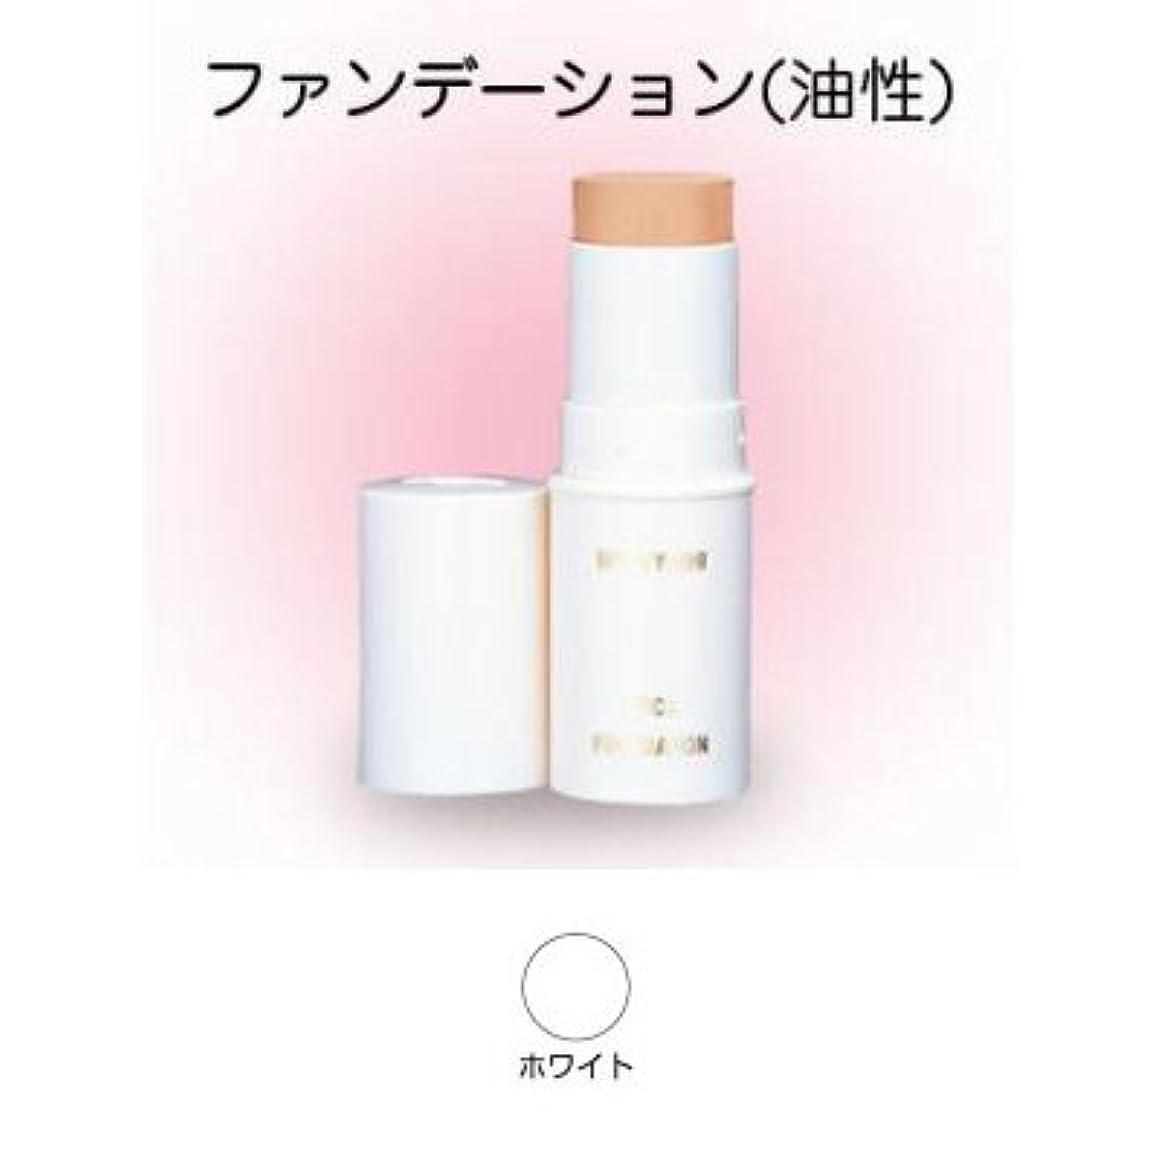 デュアル踏みつけナンセンススティックファンデーション 16g ホワイト 【三善】